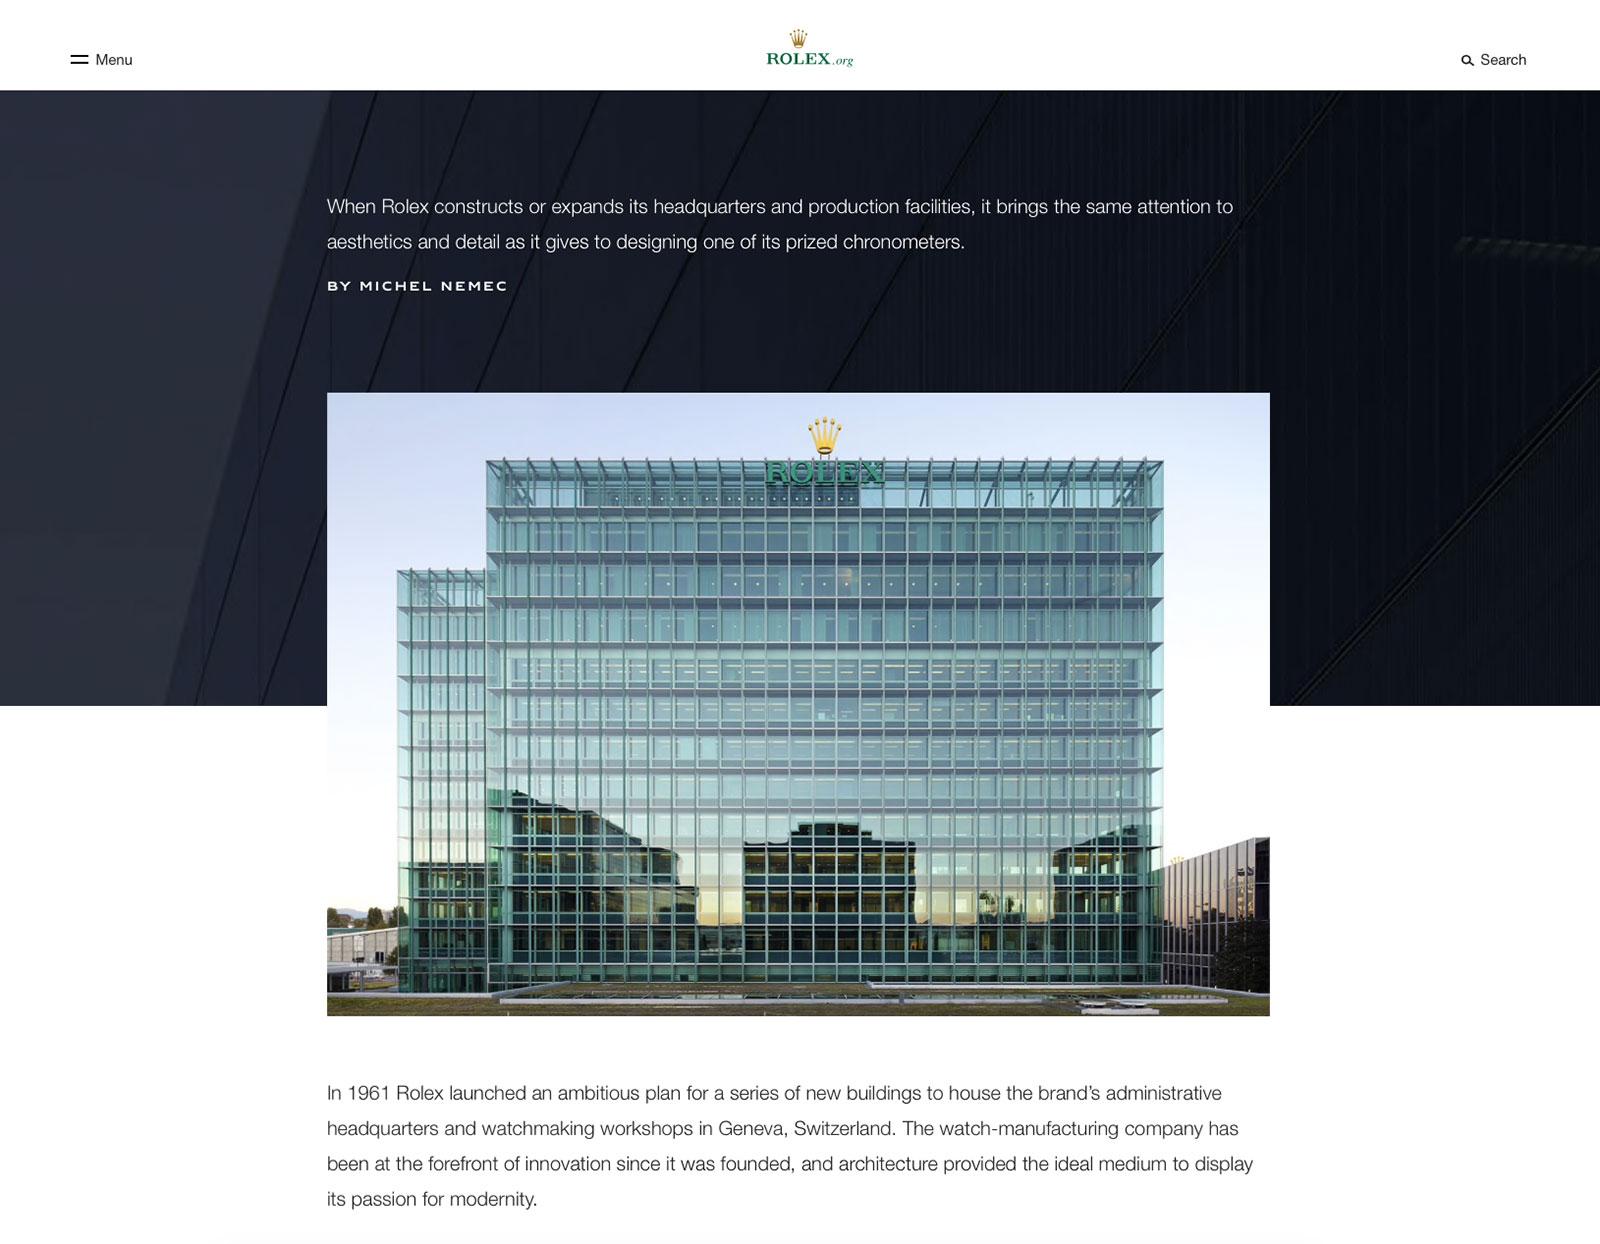 rolex.org headquarters